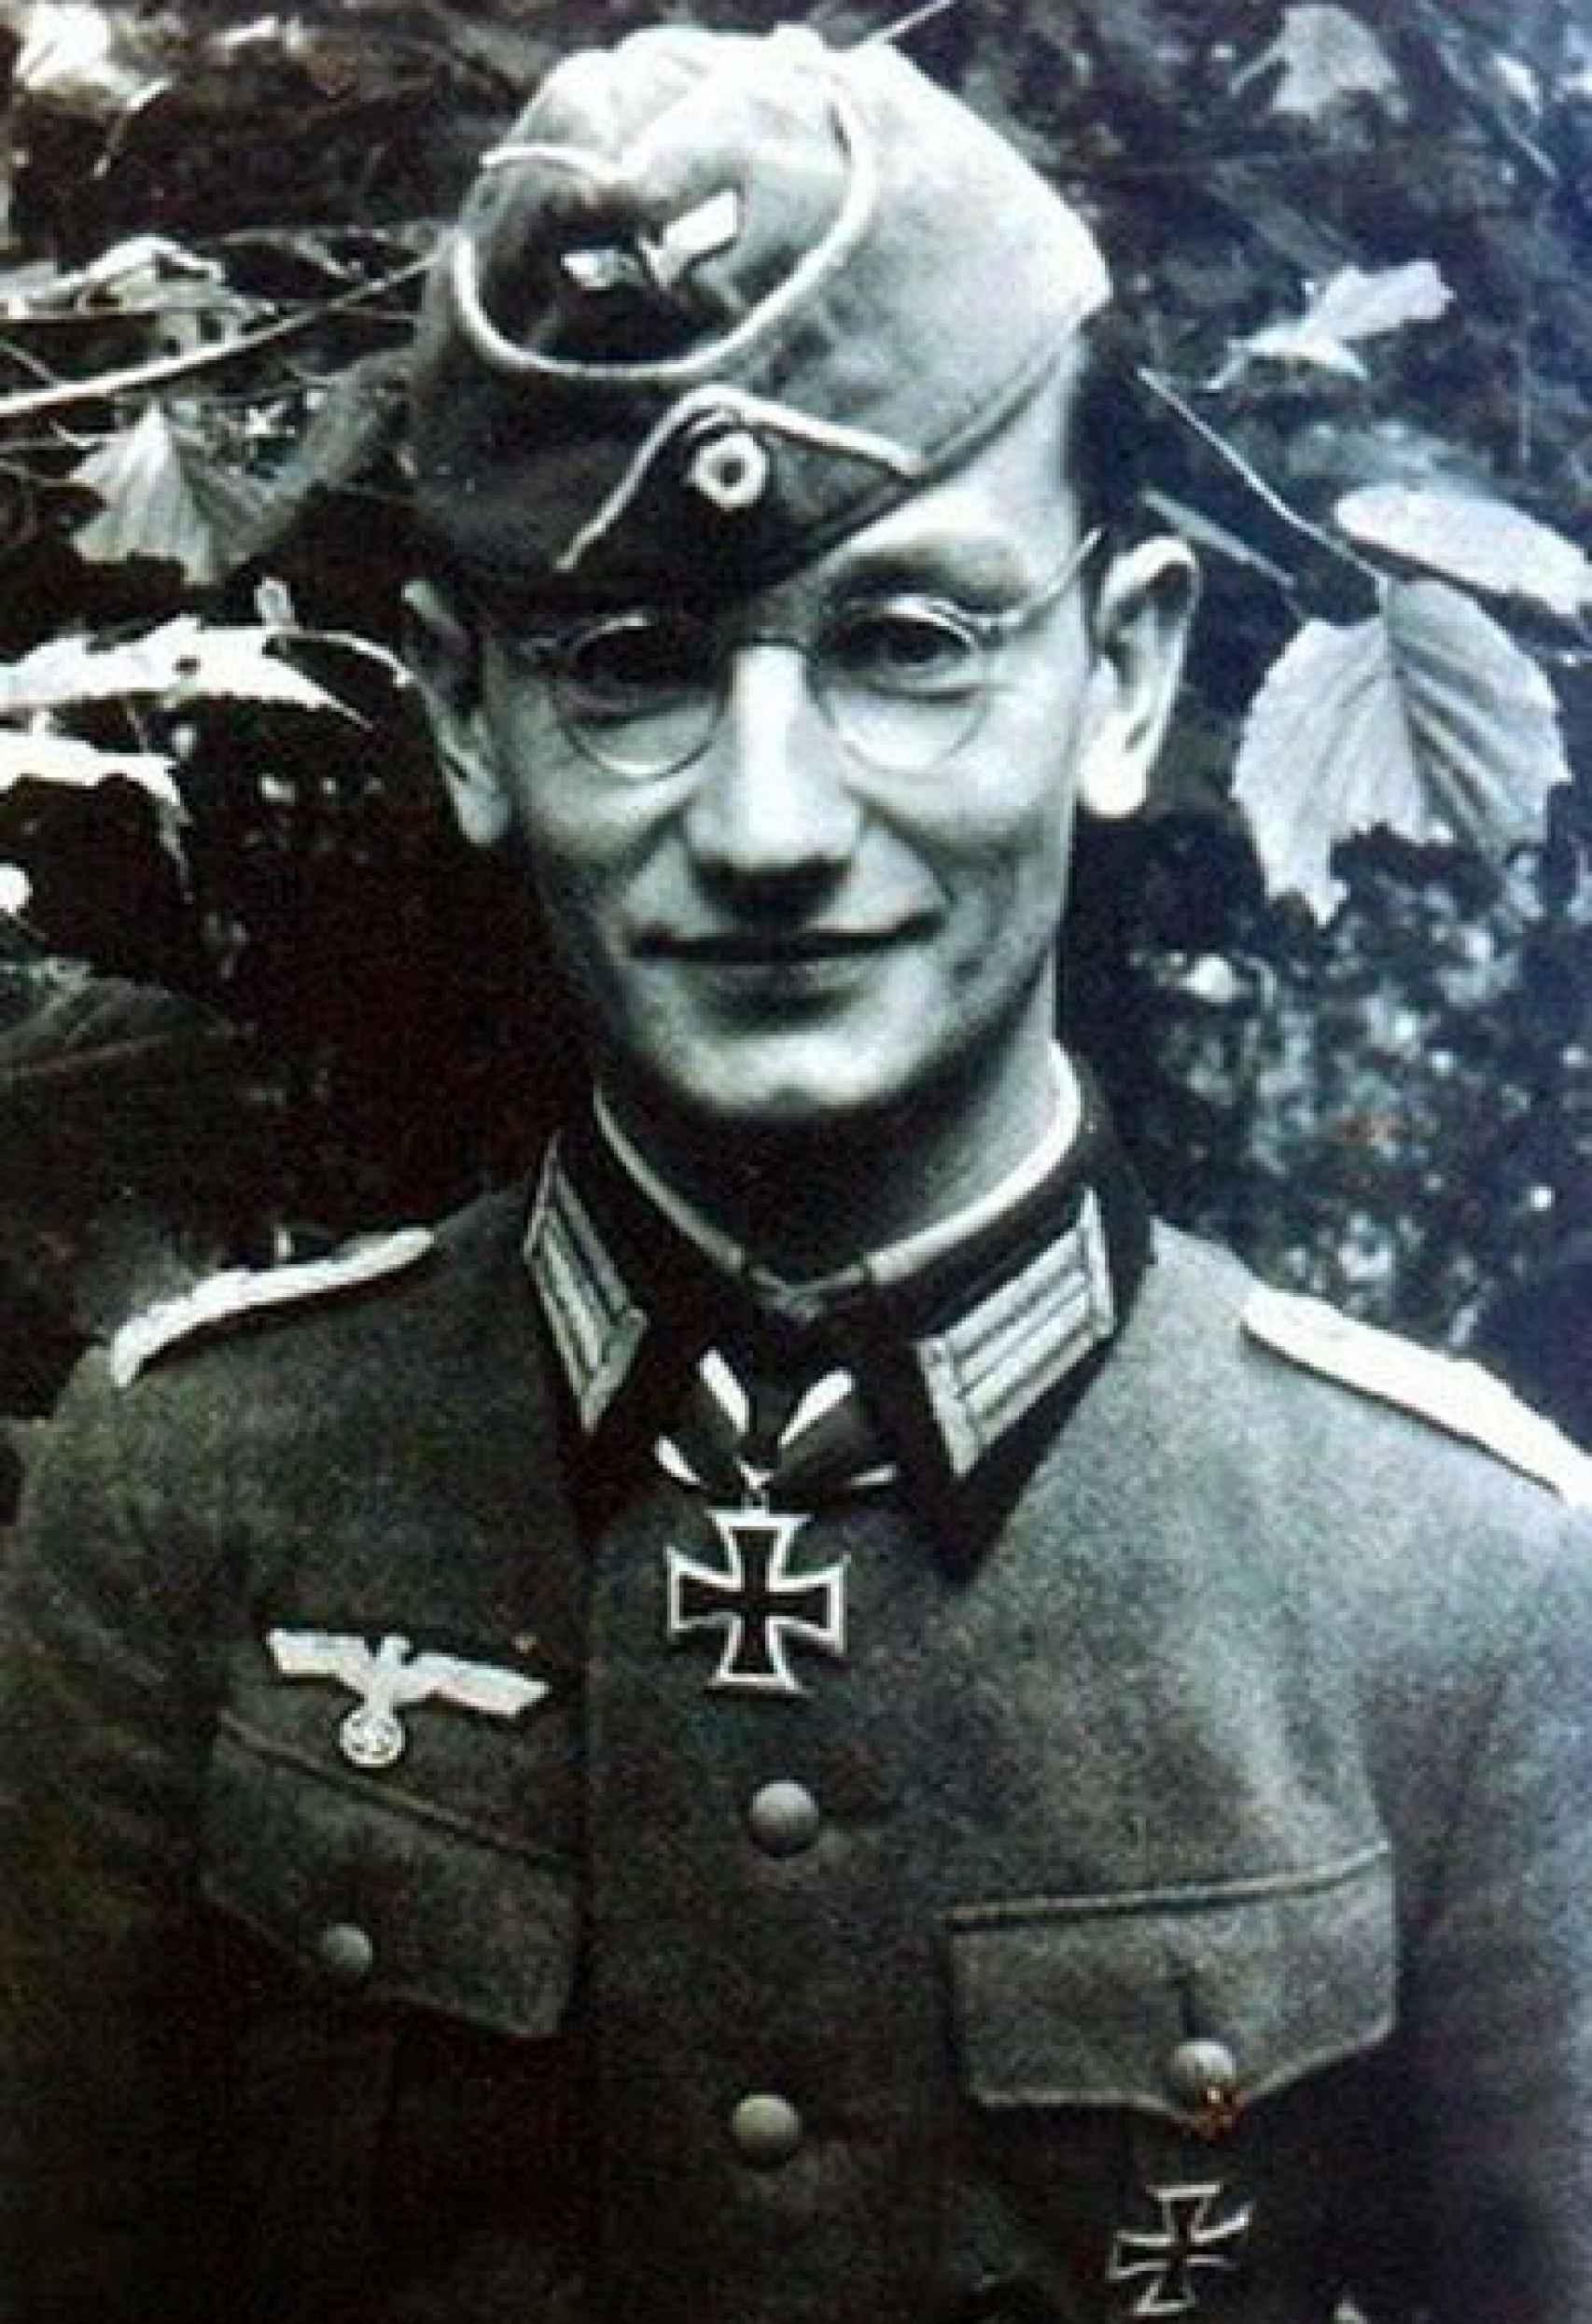 Fotografía de Ekkehard Gühr en su juventud.